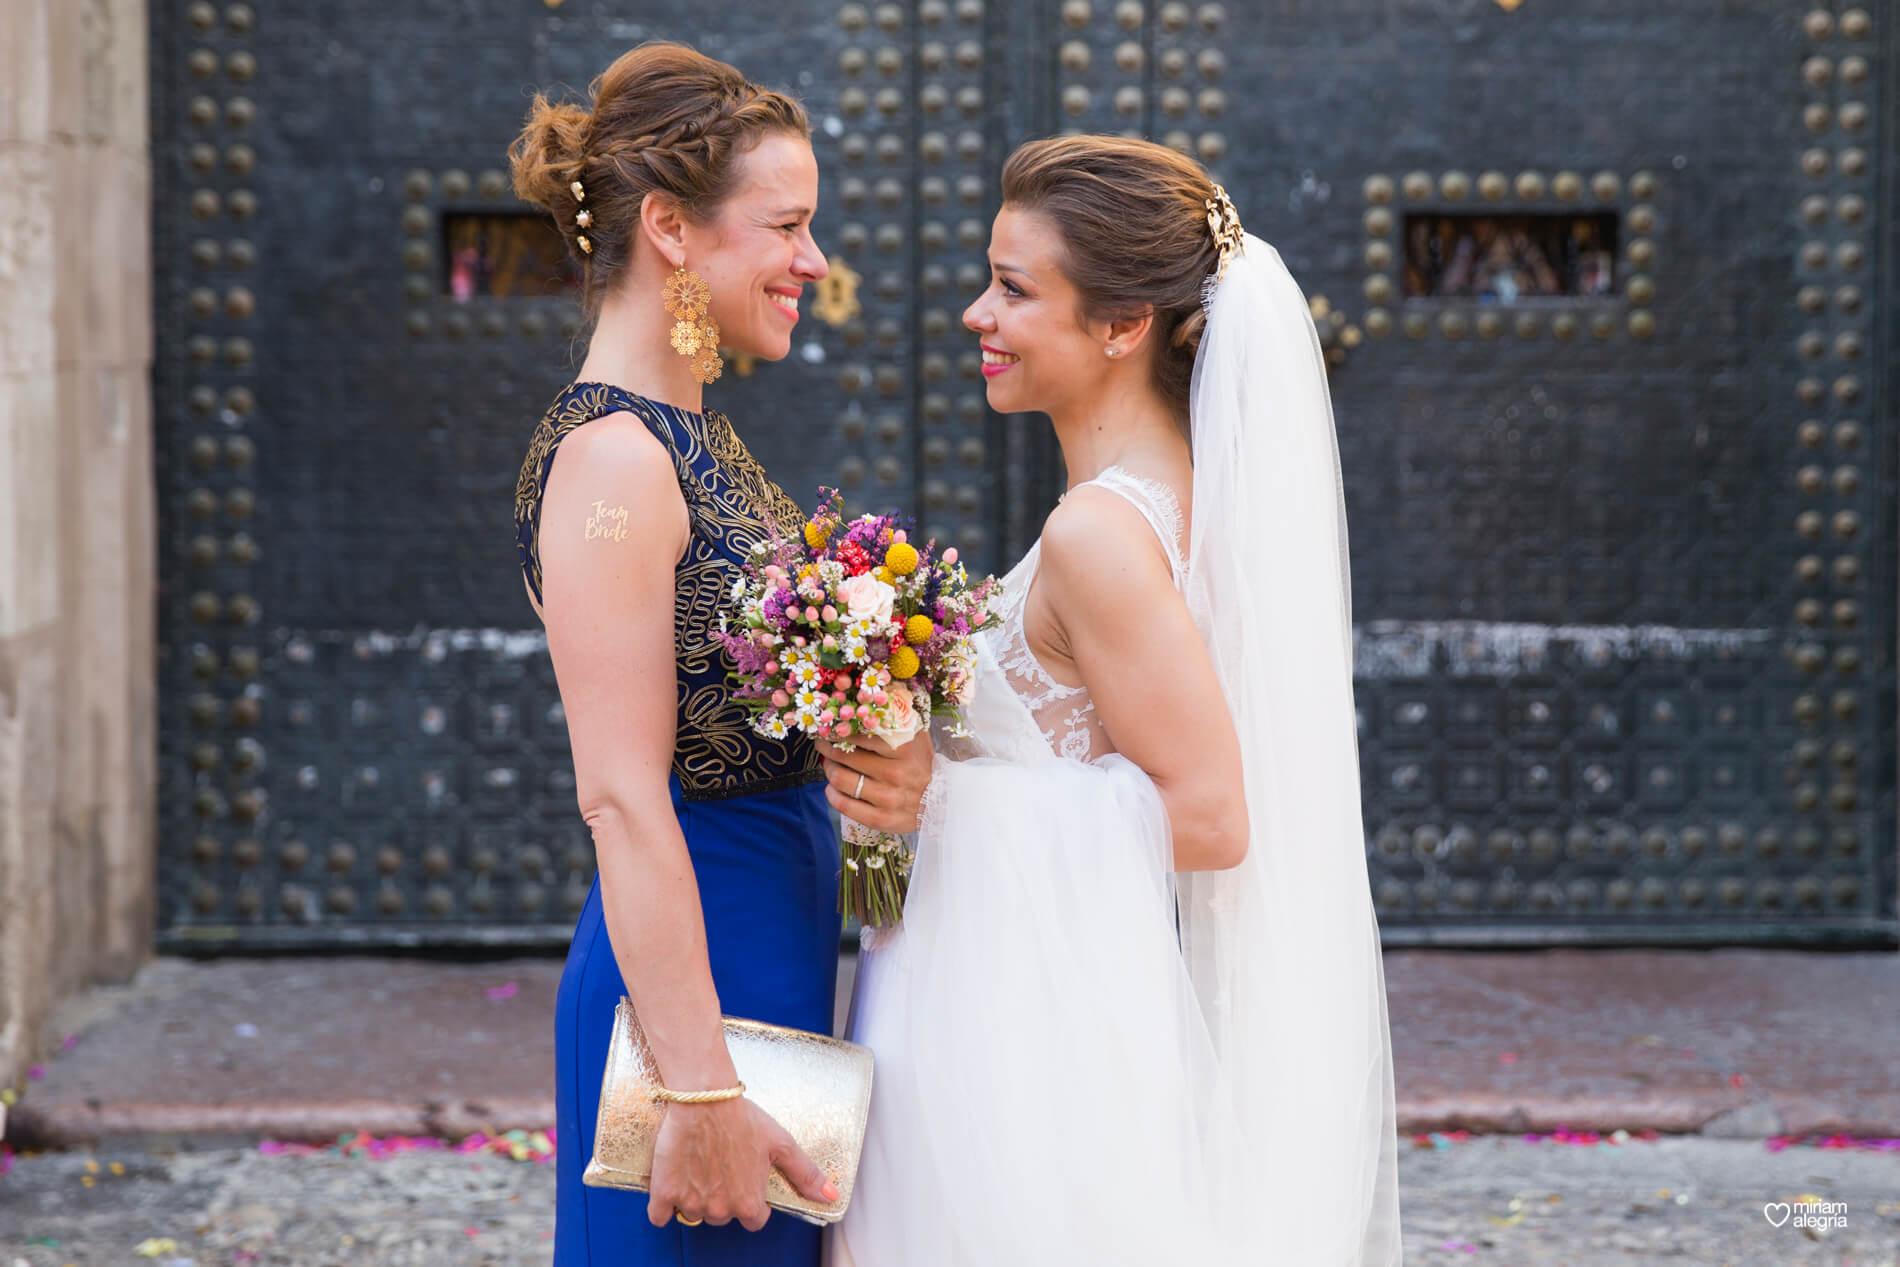 wedding-huerto-del-cura-elche-miriam-alegria-fotografos-boda-262